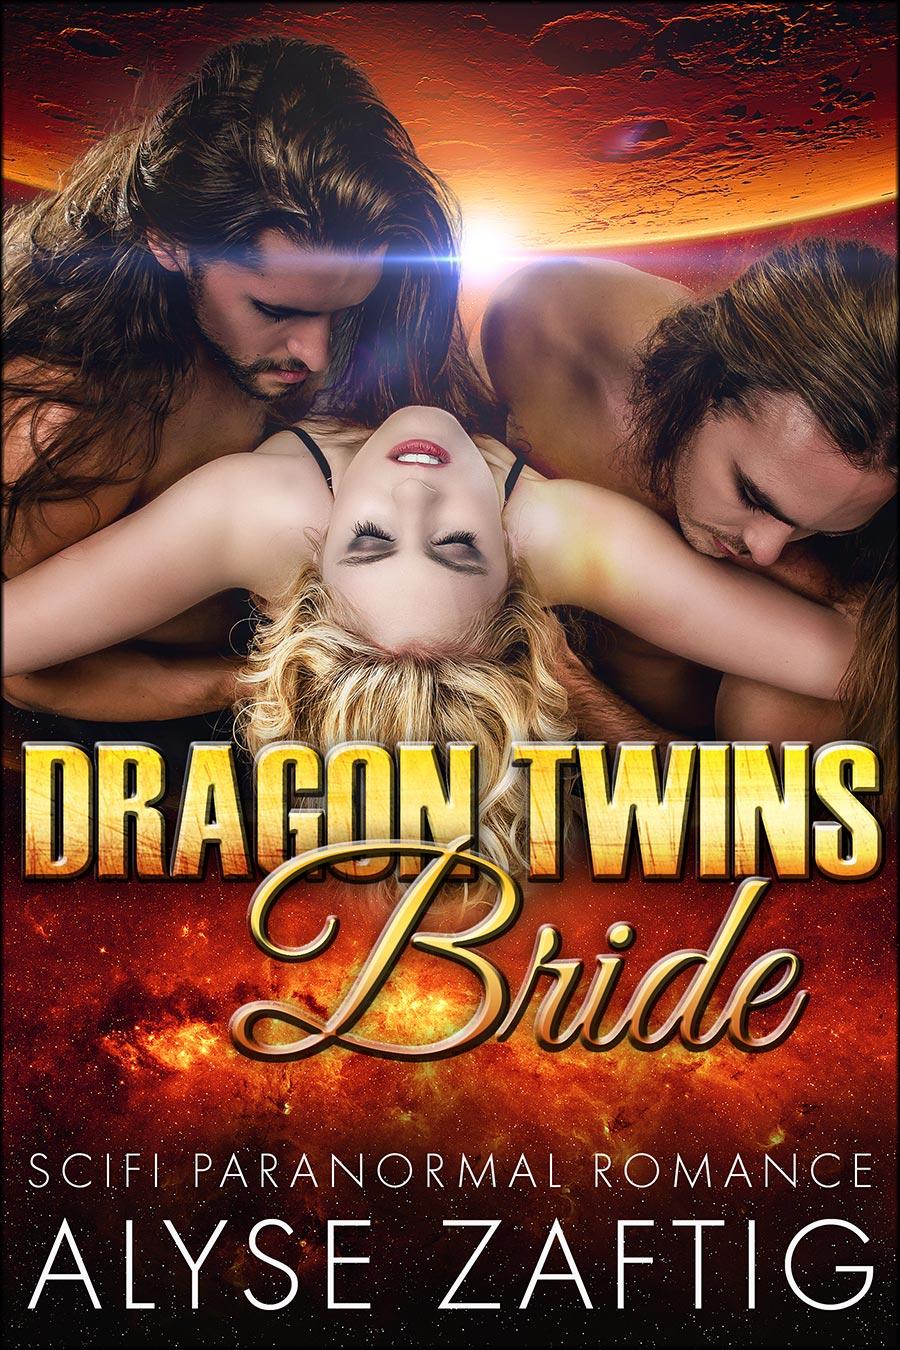 Dragon-Twins-Bride---alyse-zaftig.jpg